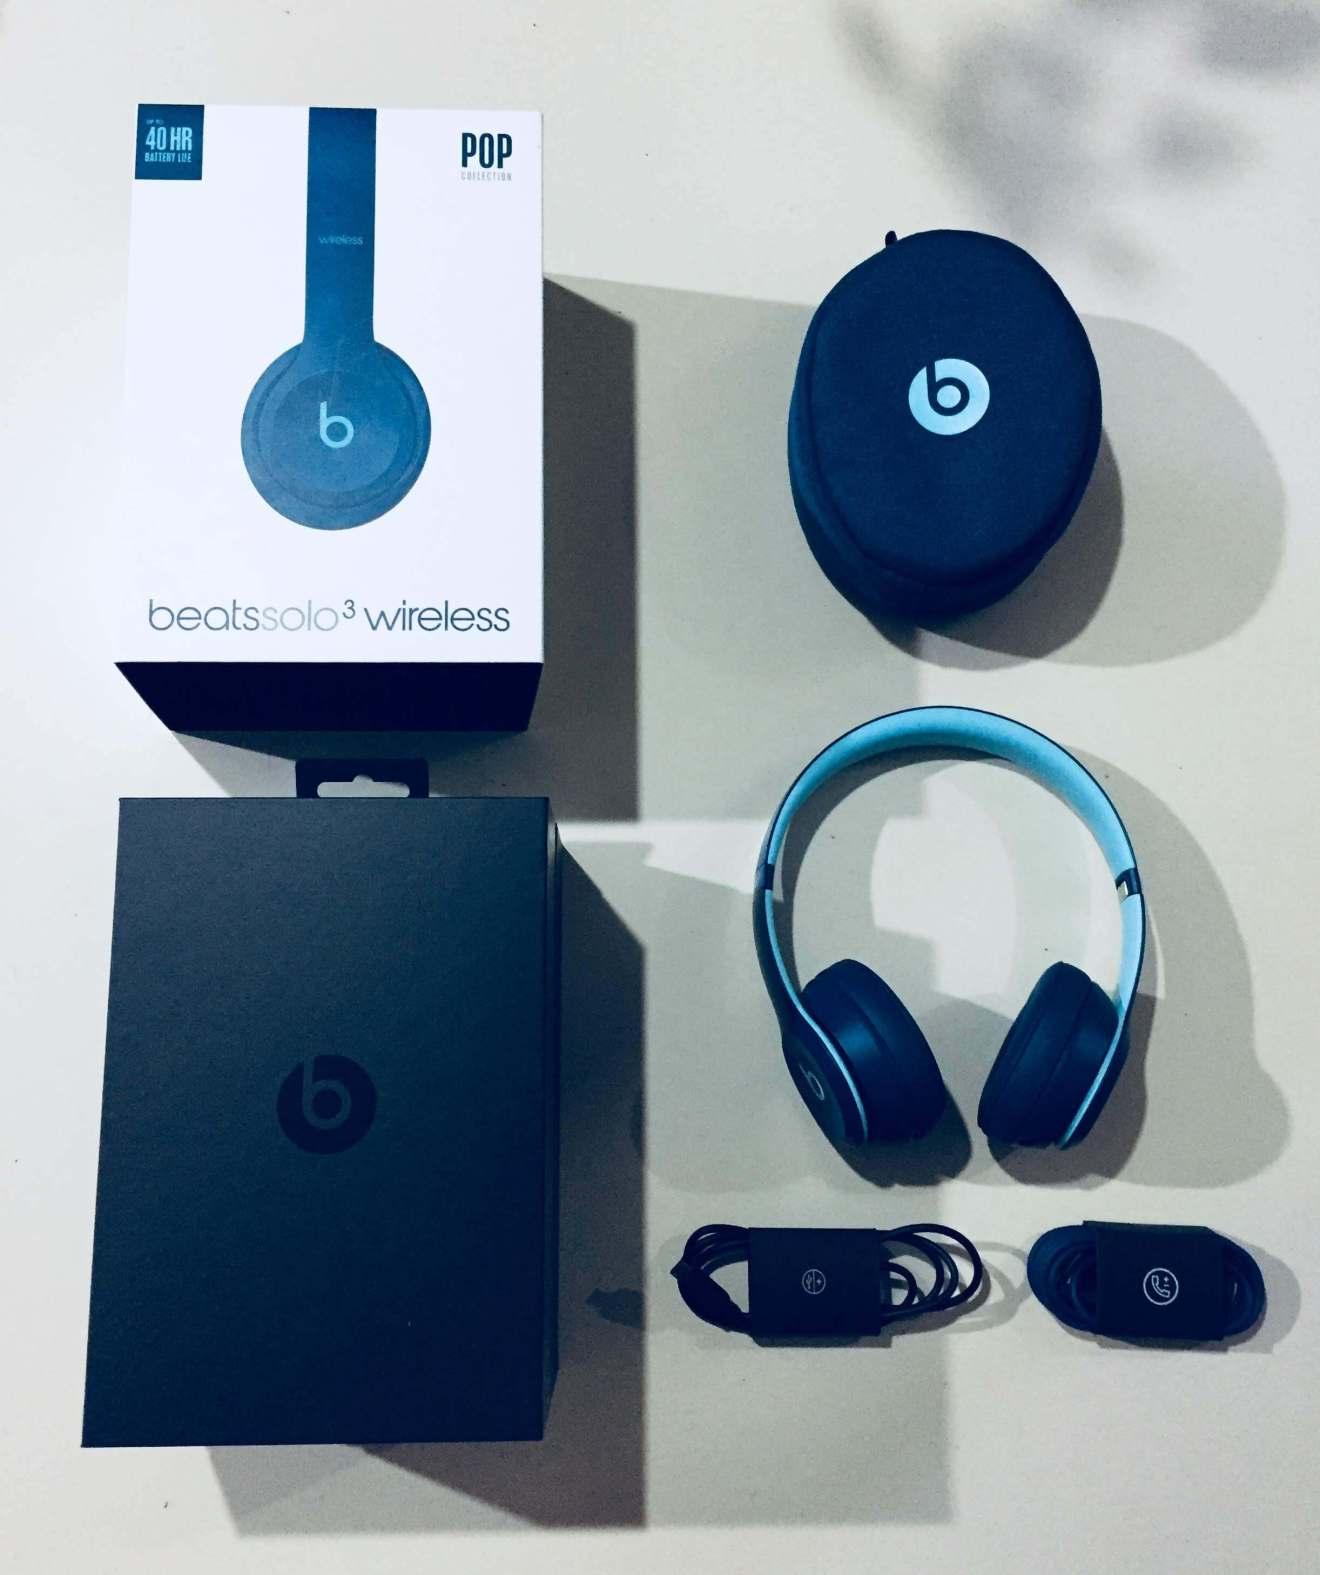 IMG 0435 - Review: Beats Solo3 Wireless, o fone bluetooth para todas as ocasiões